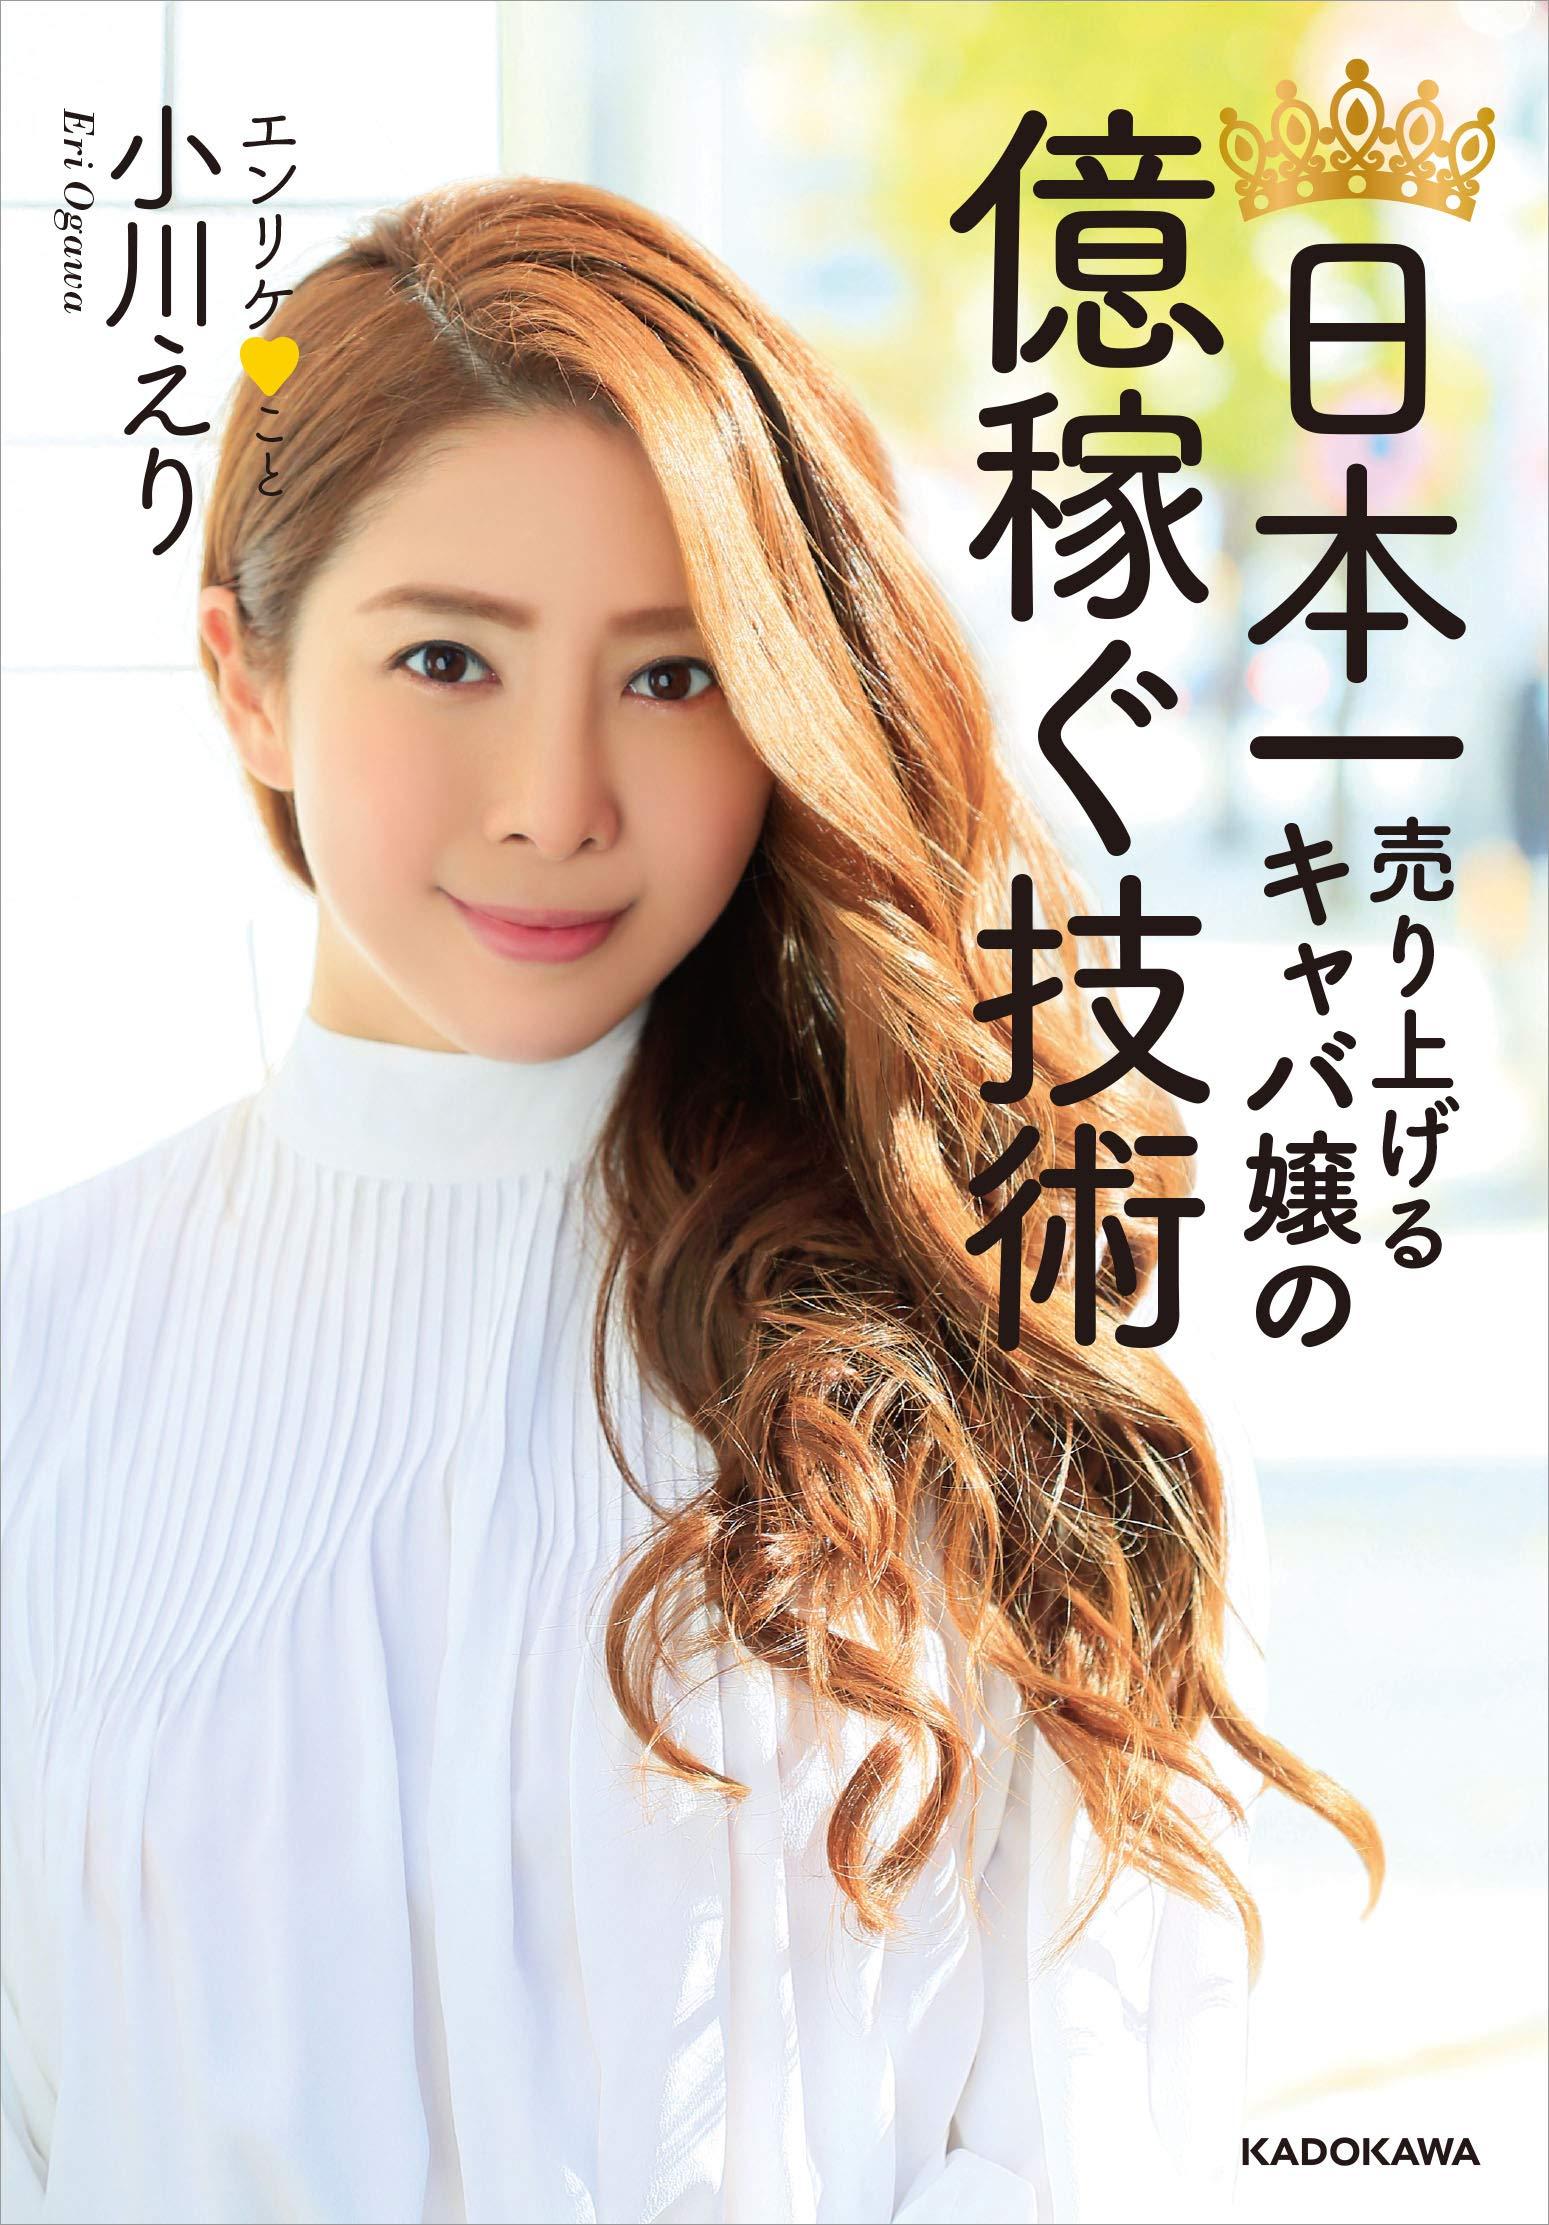 日本 一 の キャバ 嬢